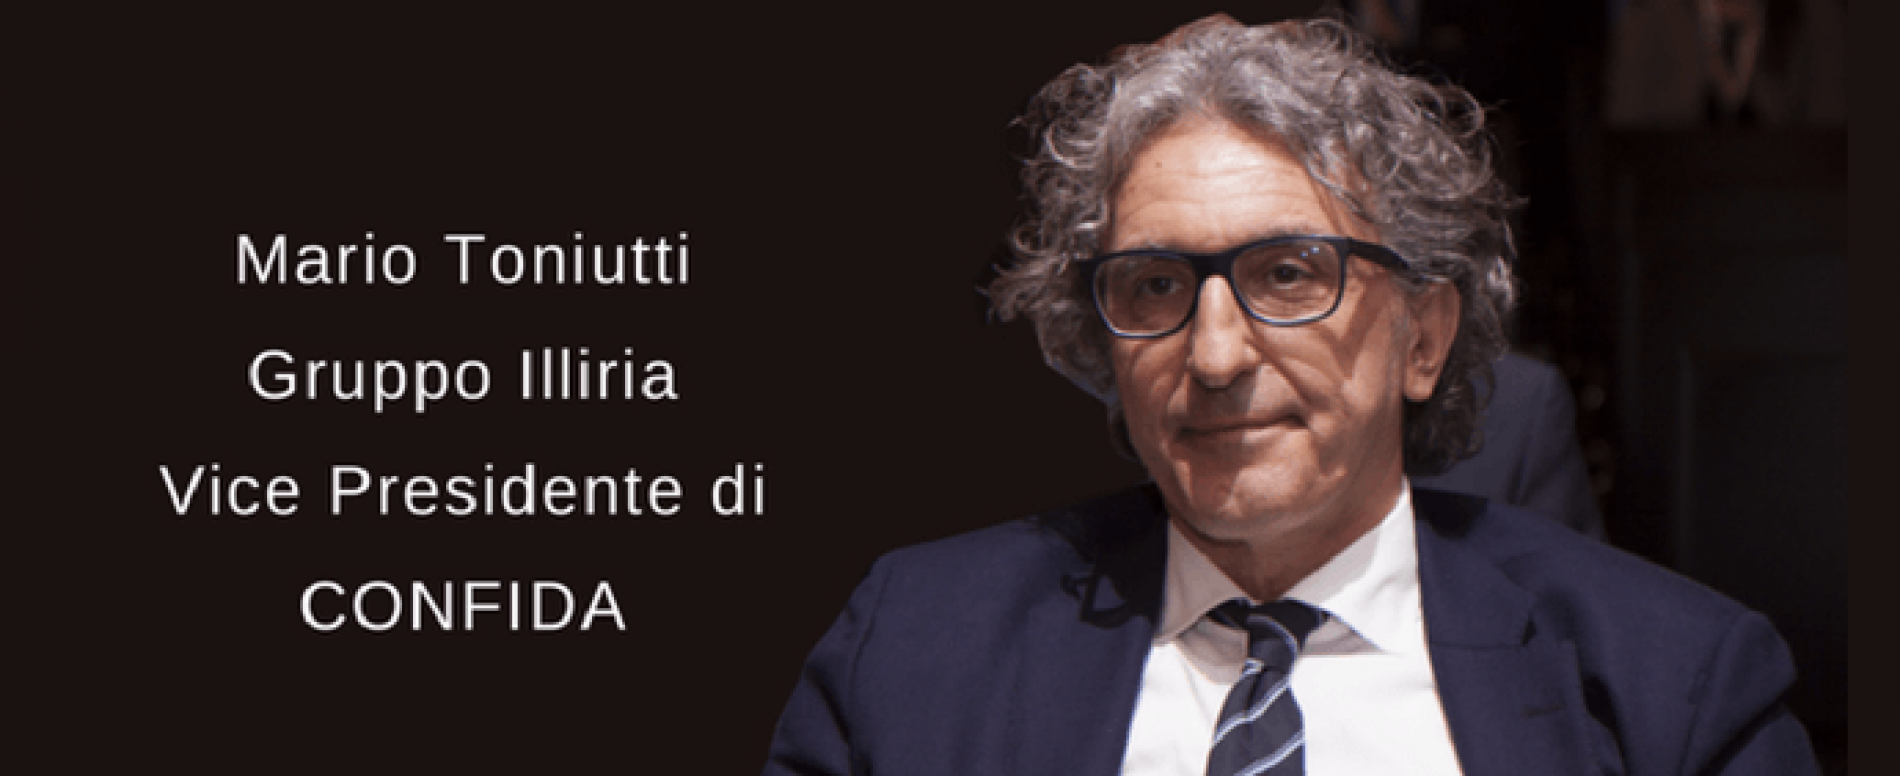 Mario Toniutti – Gruppo Illiria – Vice Presidente di CONFIDA